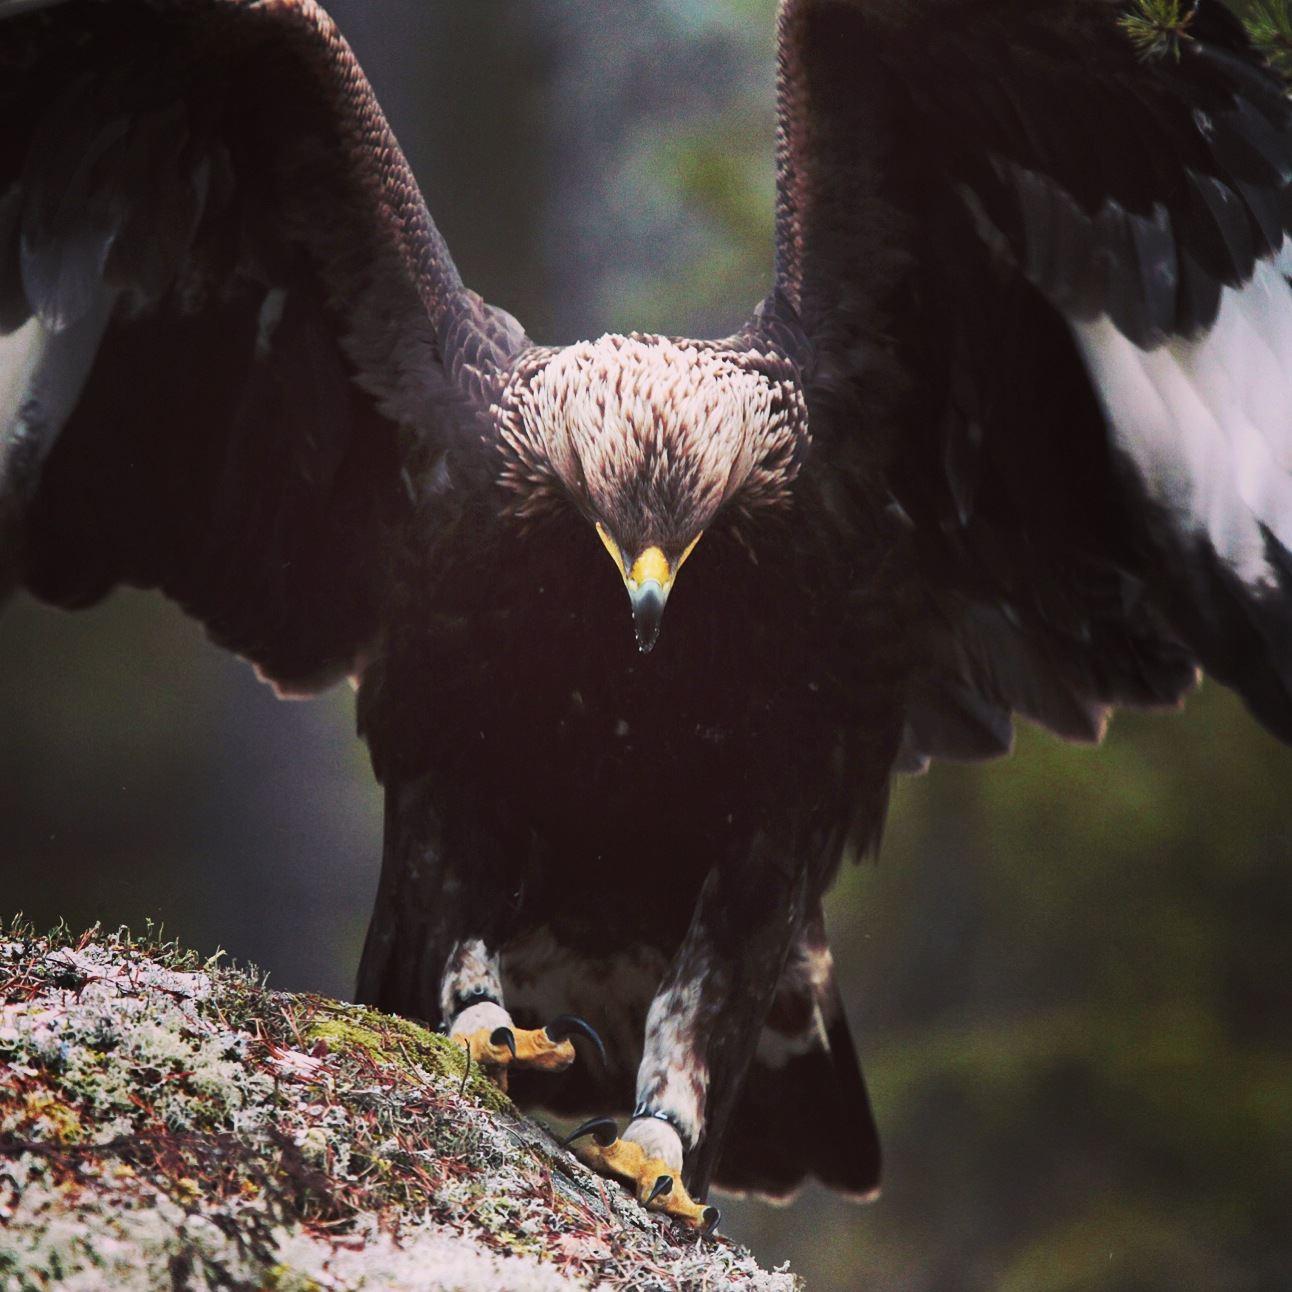 Öga mot öga med en vild örn!